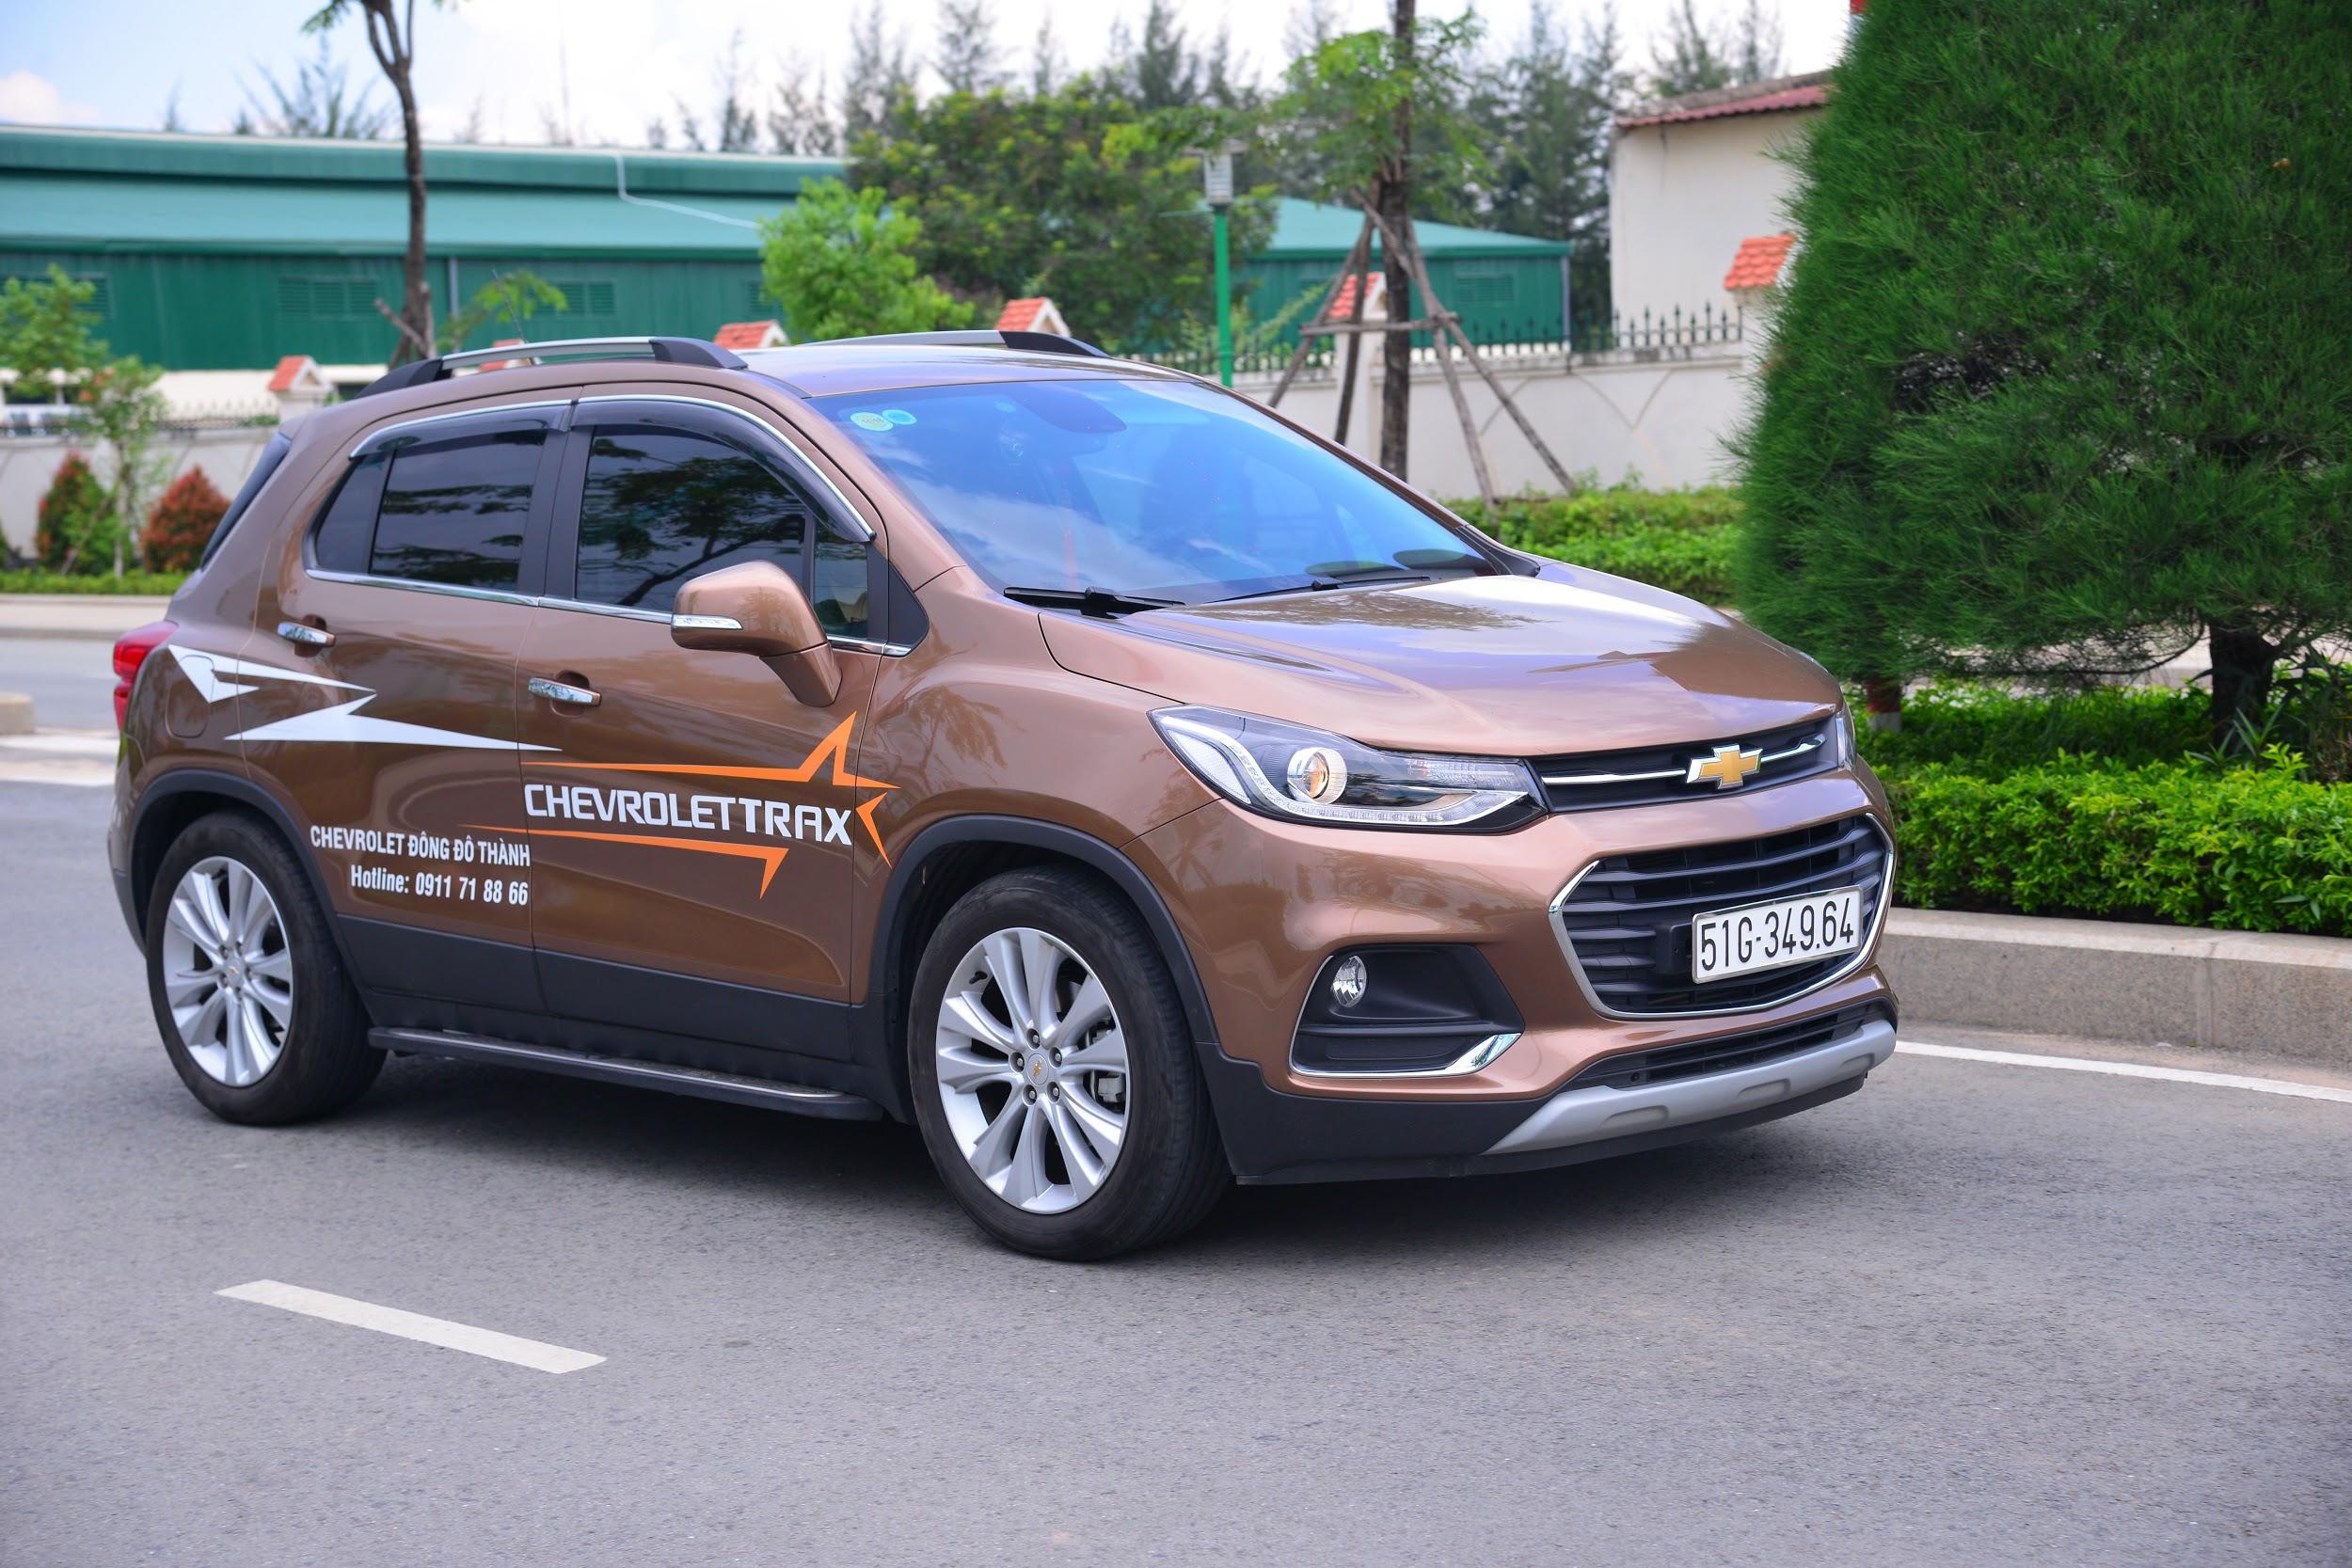 #LiveLoveEnjoy – khởi động hè 2017 theo cách của Chevrolet Trax